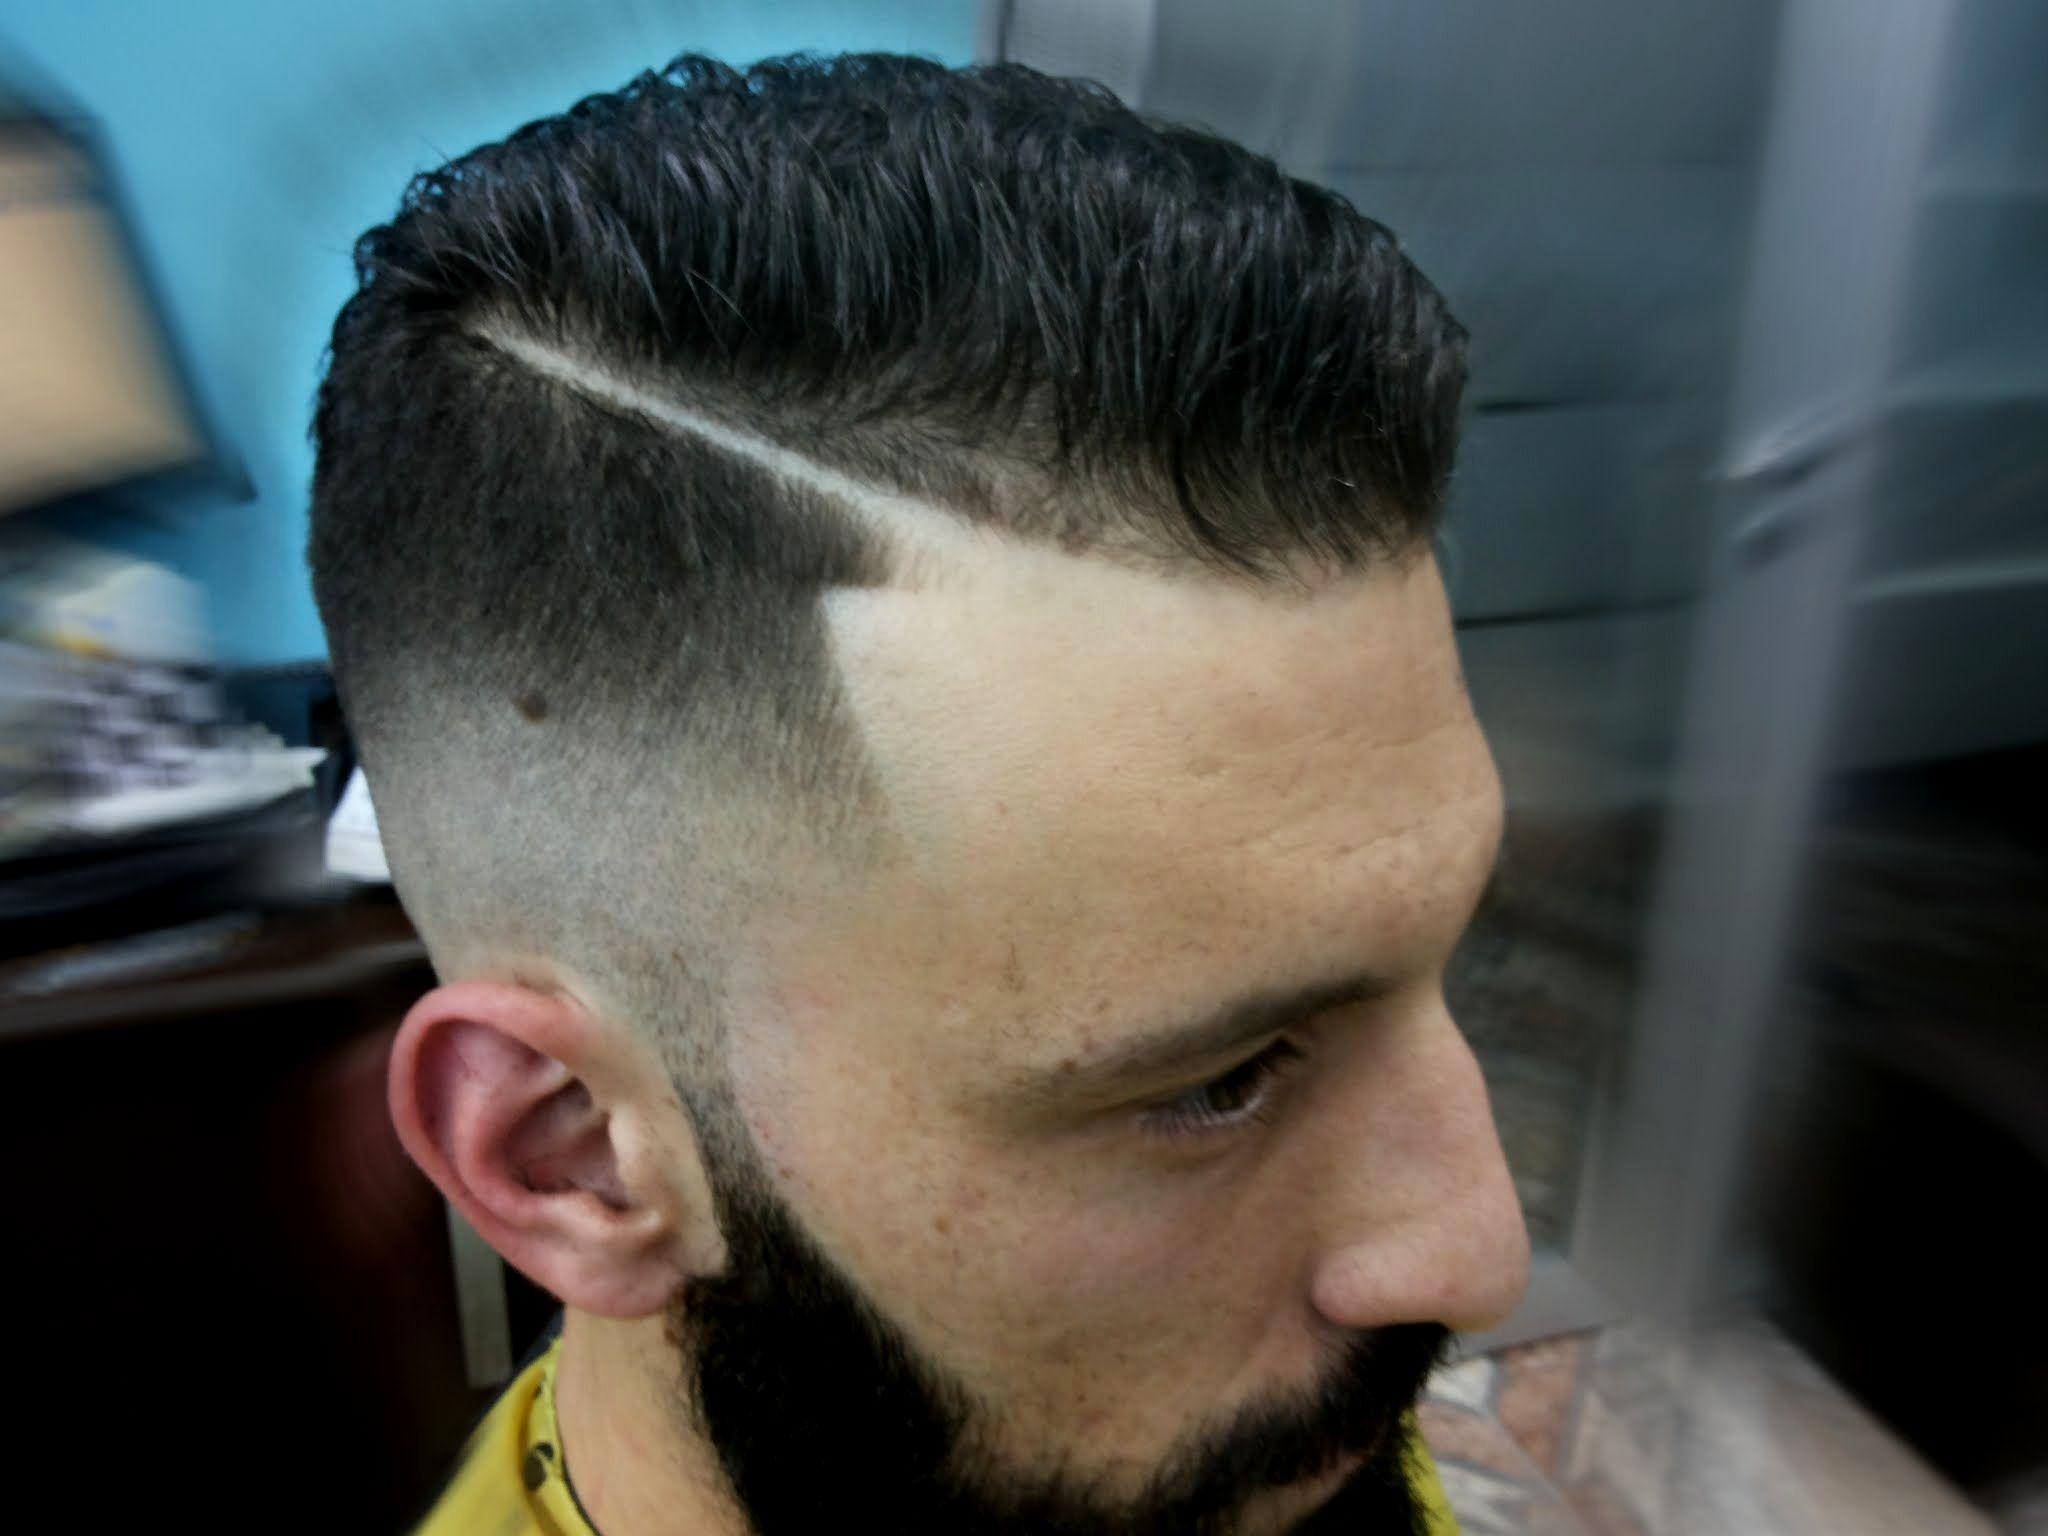 top corte de cabelo masculino cabelo liso fotografia-Top Corte De Cabelo Masculino Cabelo Liso Galeria